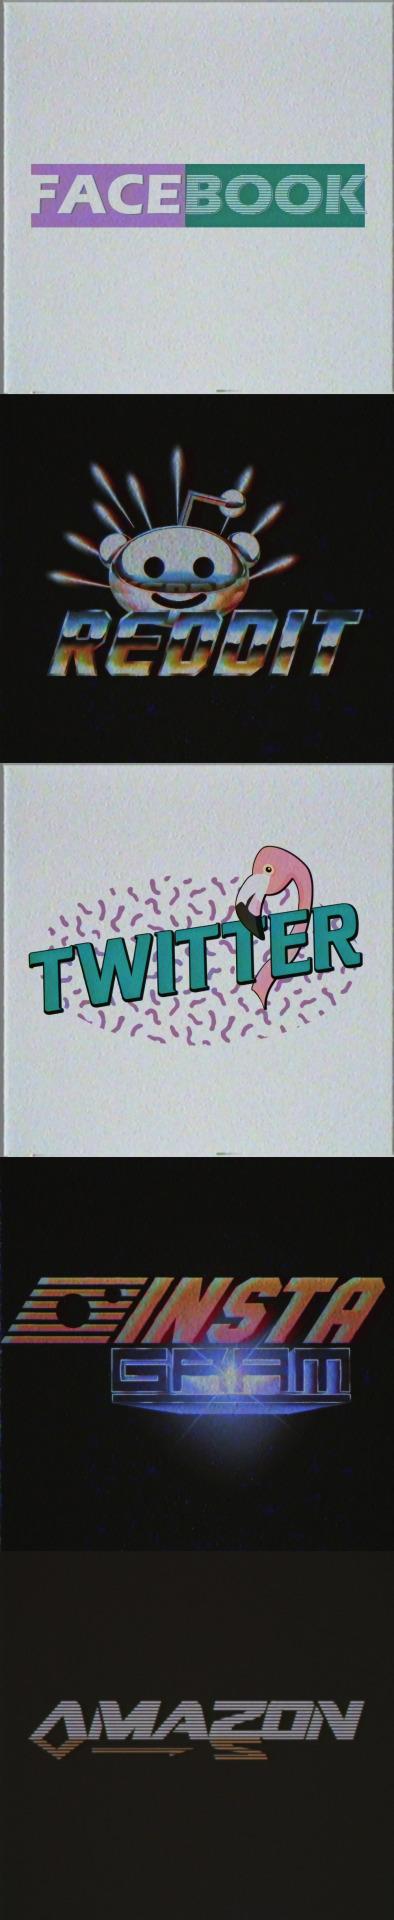 Logo của Reddit, Amazon và SoundCloud trông sẽ như thế nào nếu ra đời vào những năm 1980s? - Ảnh 2.